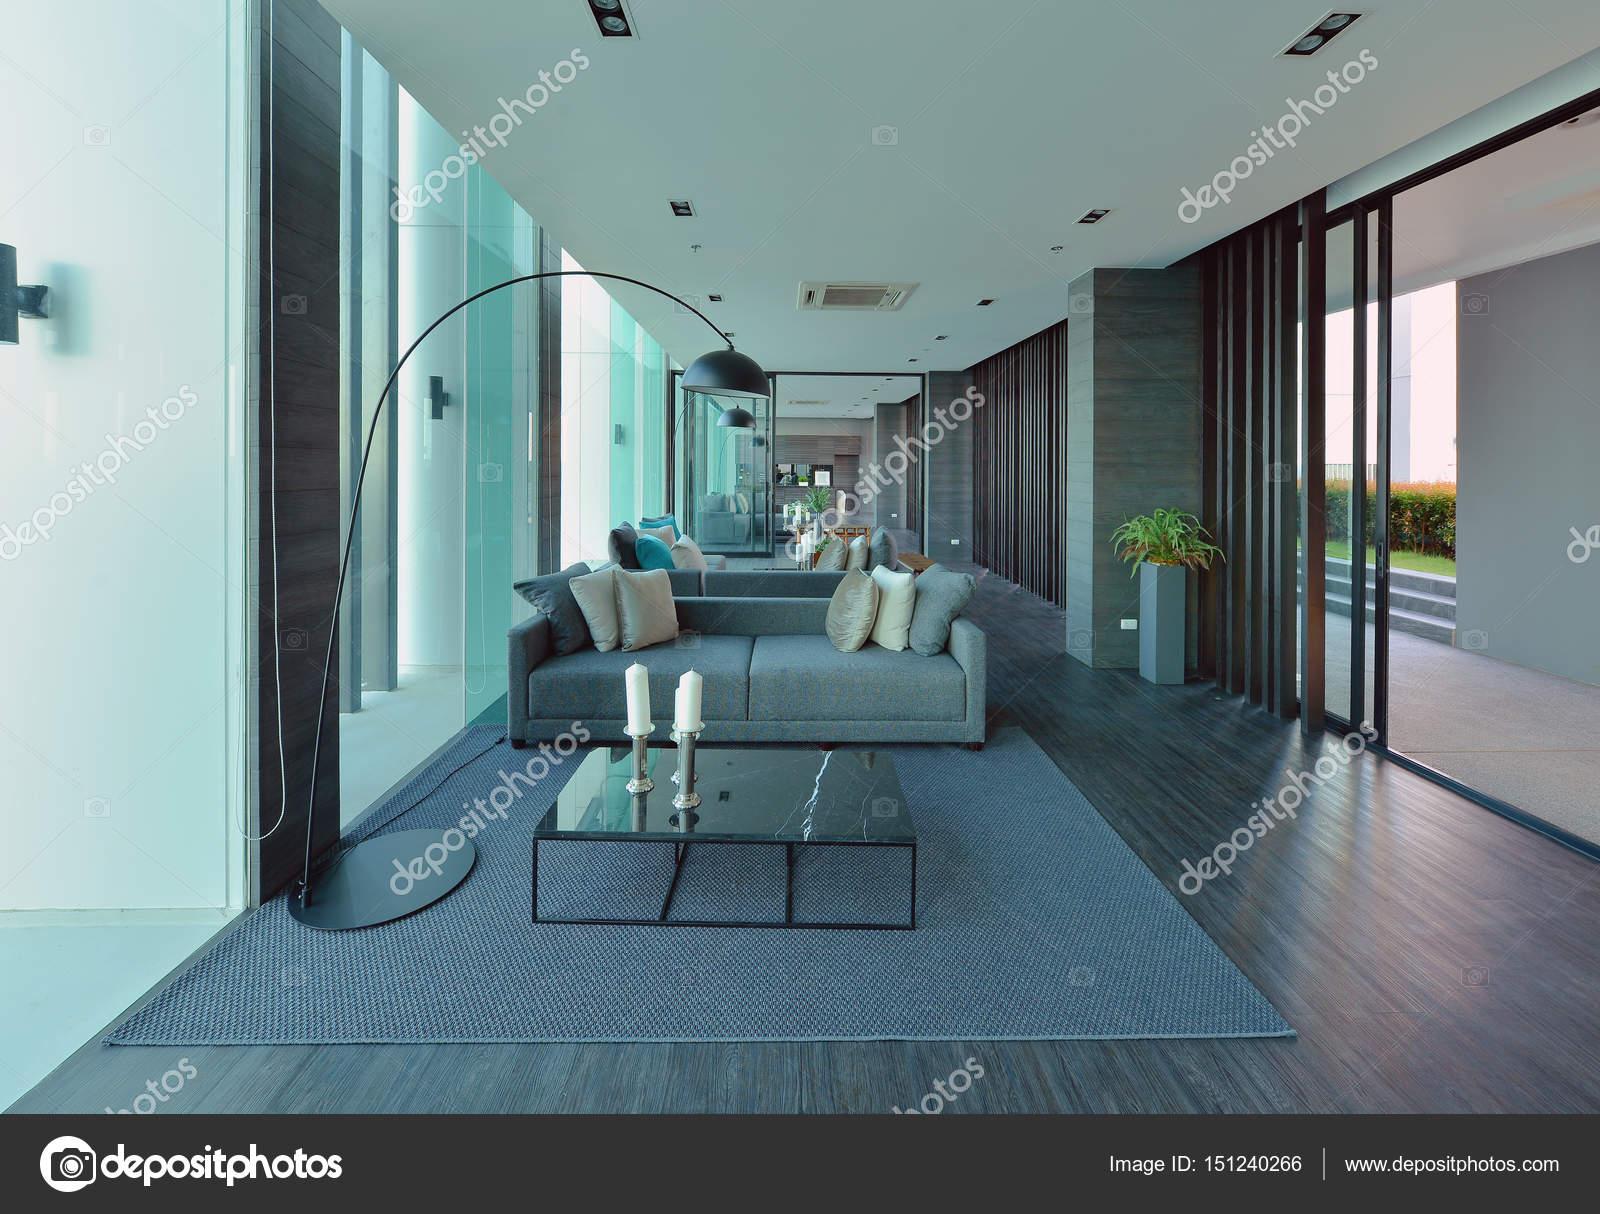 Luxus Modernen Wohnzimmer Einrichtung Und Dekoration, Interieur Desi U2014  Stockfoto